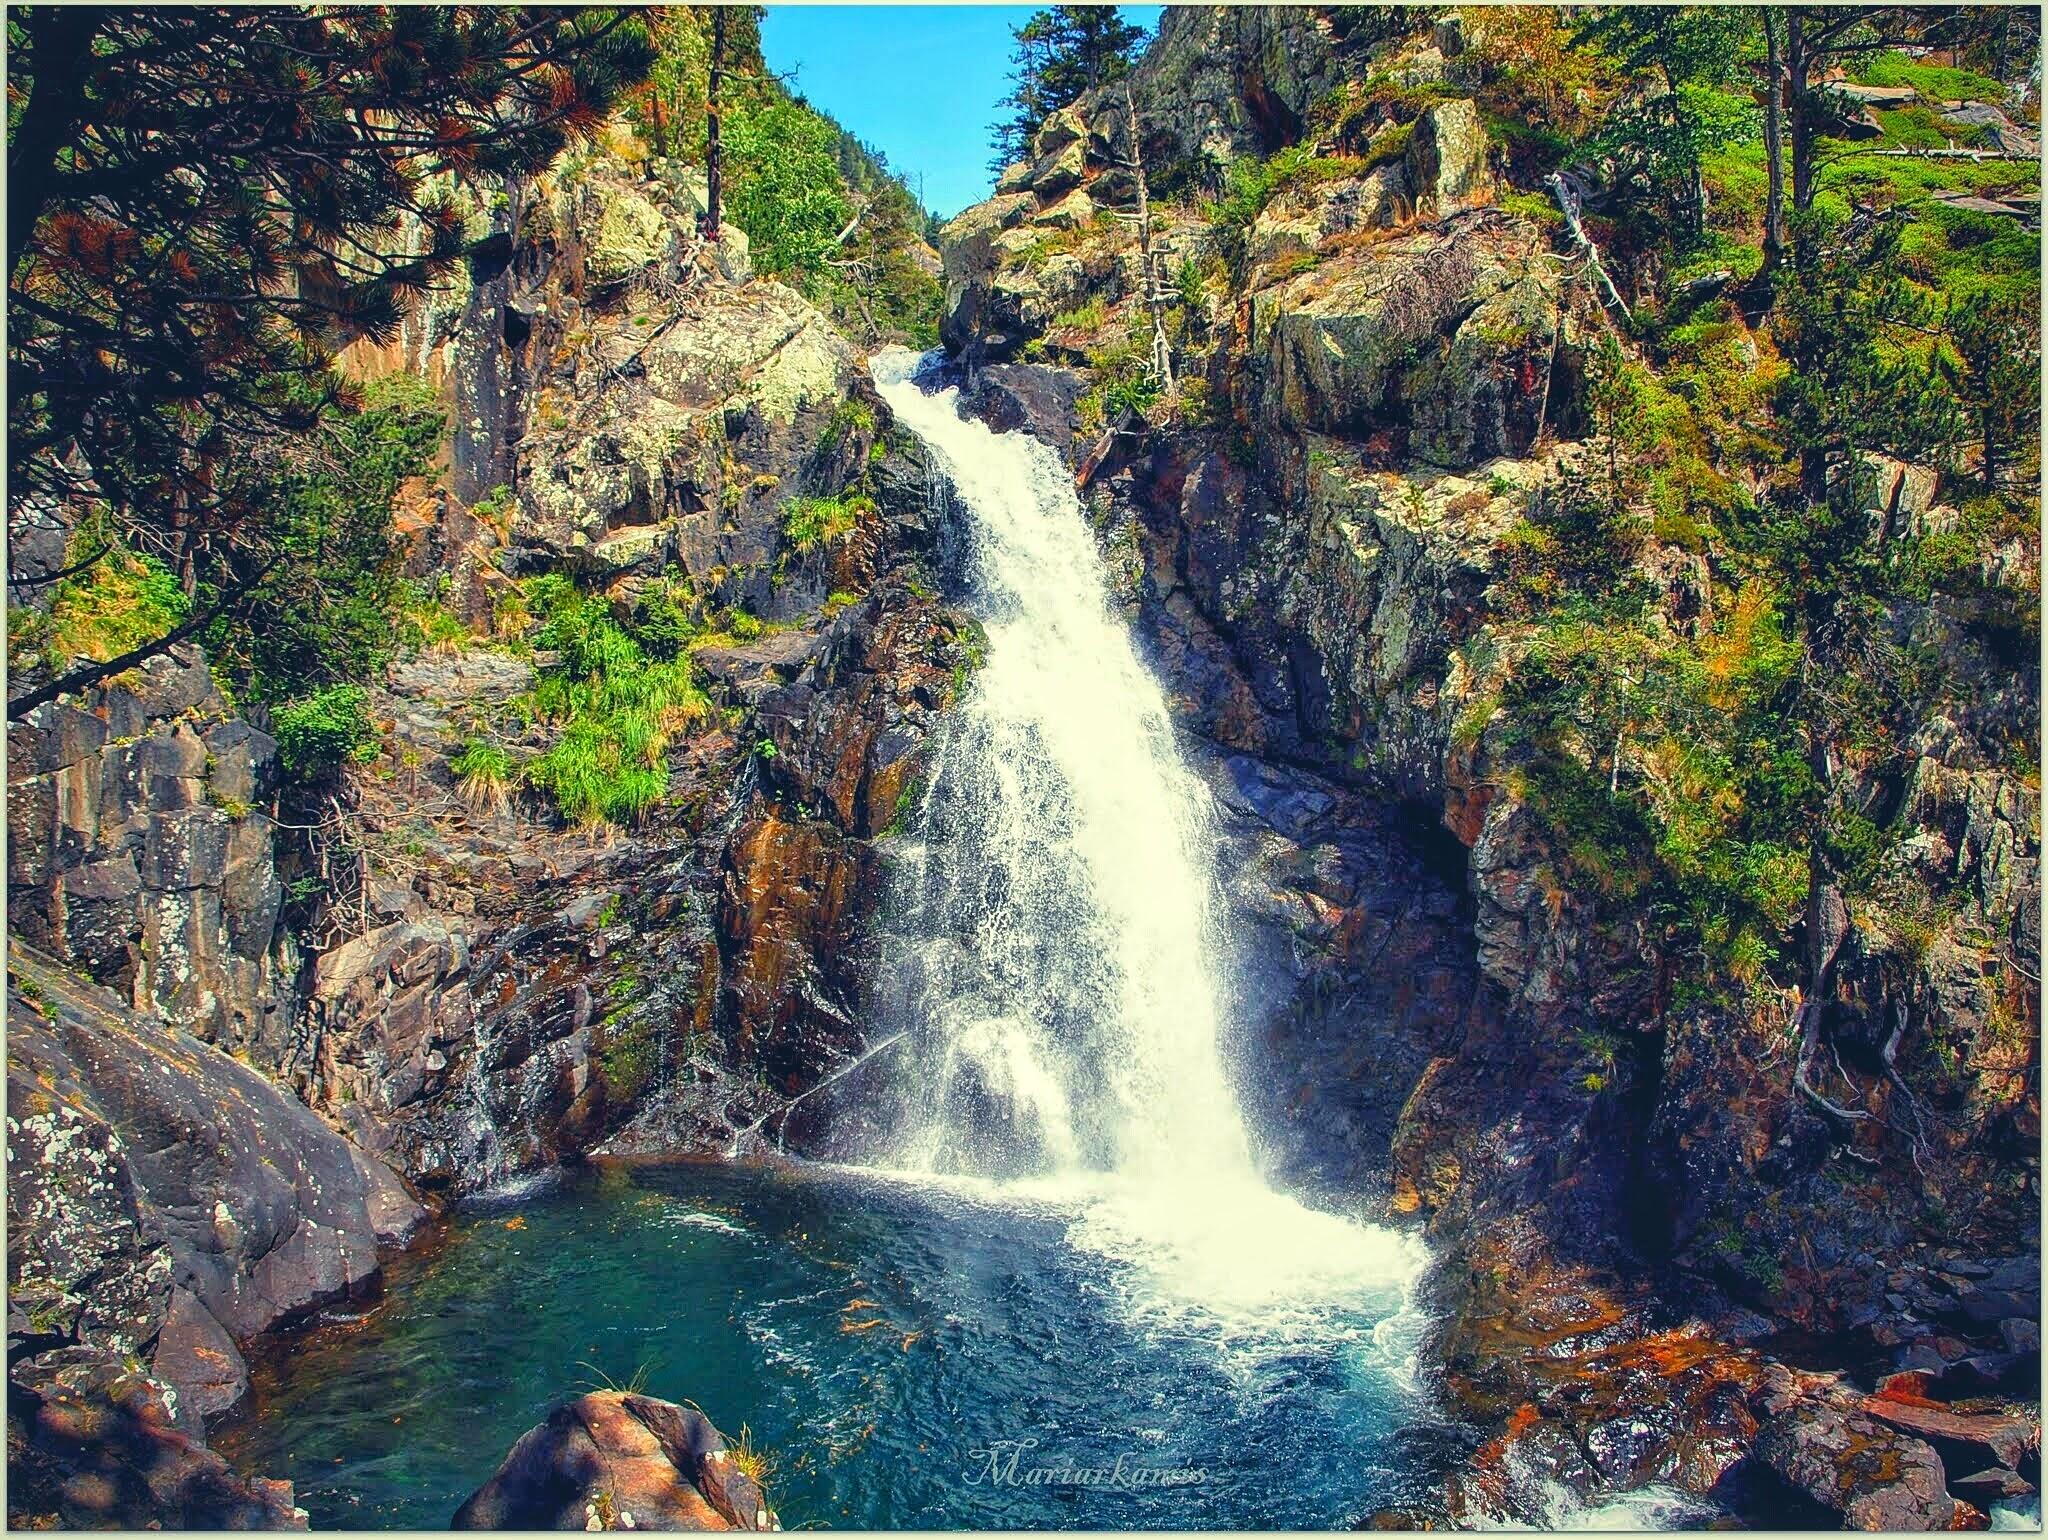 P8187765-02-01 Valle de Benasque. Gorgas del Alba. Viajes